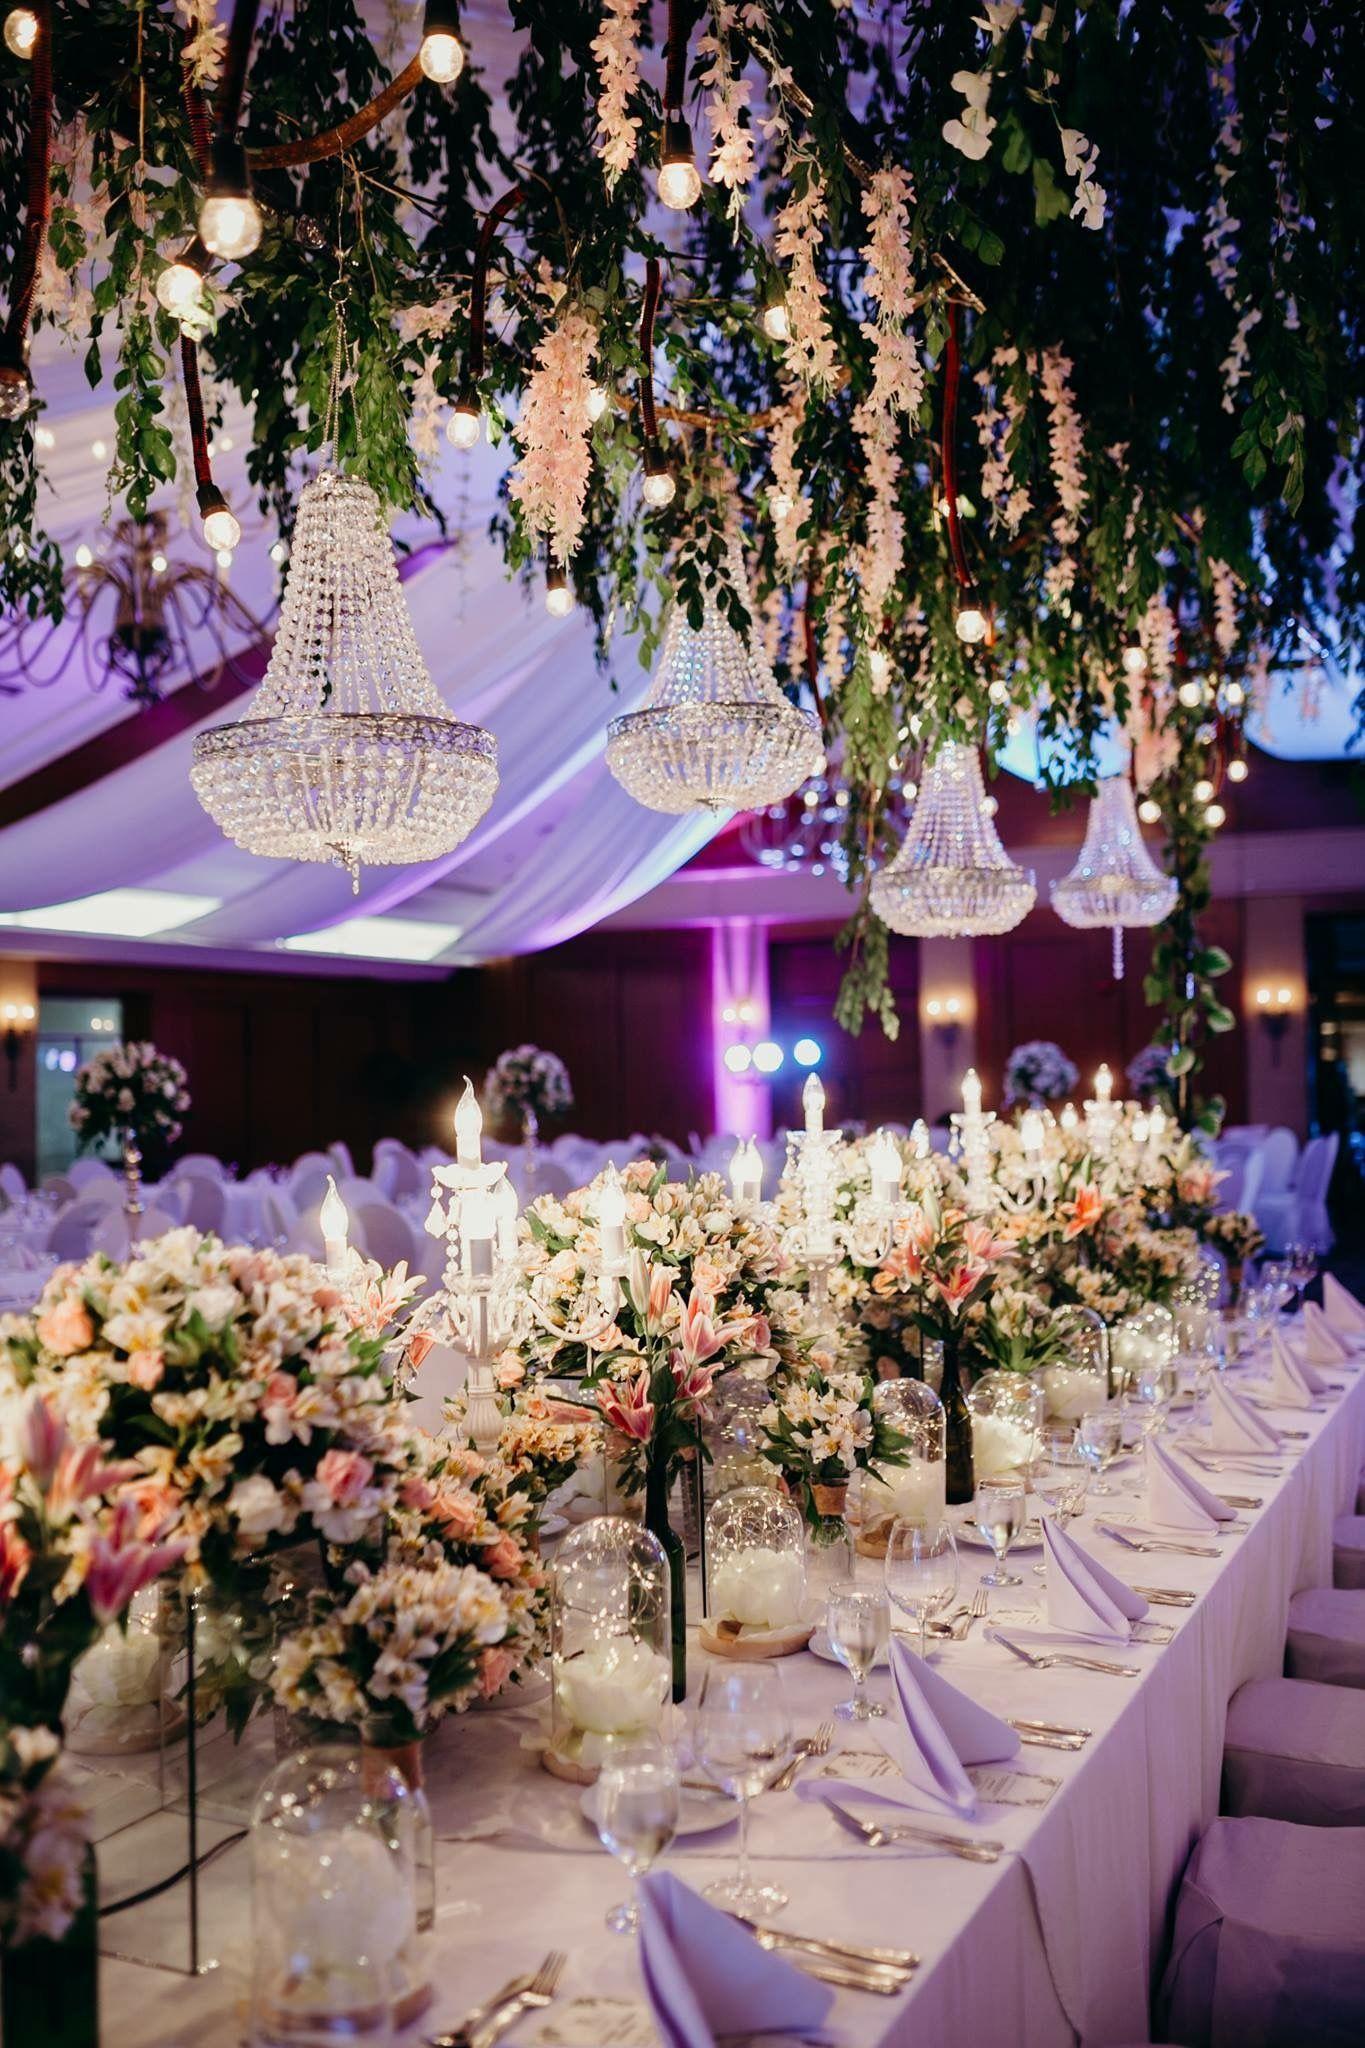 Elegant Whimsical Wedding Wedding Decor Elegant Wedding Decorations Indoor Wedding Receptions